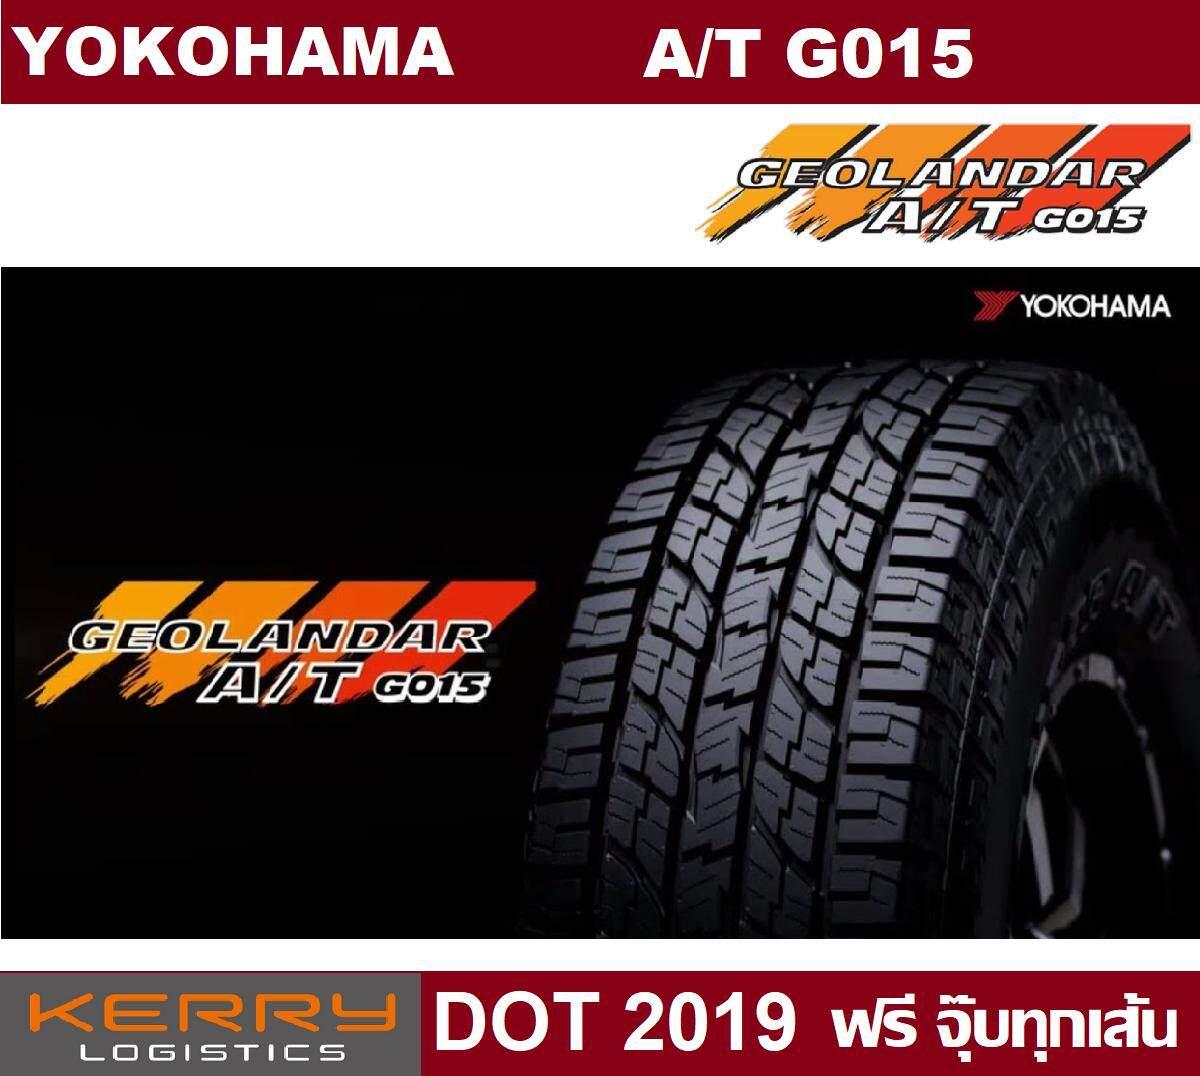 ประกันภัย รถยนต์ 3 พลัส ราคา ถูก นครนายก ยางรถยนต์ Yokohama รุ่น Geolandar A/T G015 ขนาด 235/70R15 จำนวน 4 เส้น (2019)